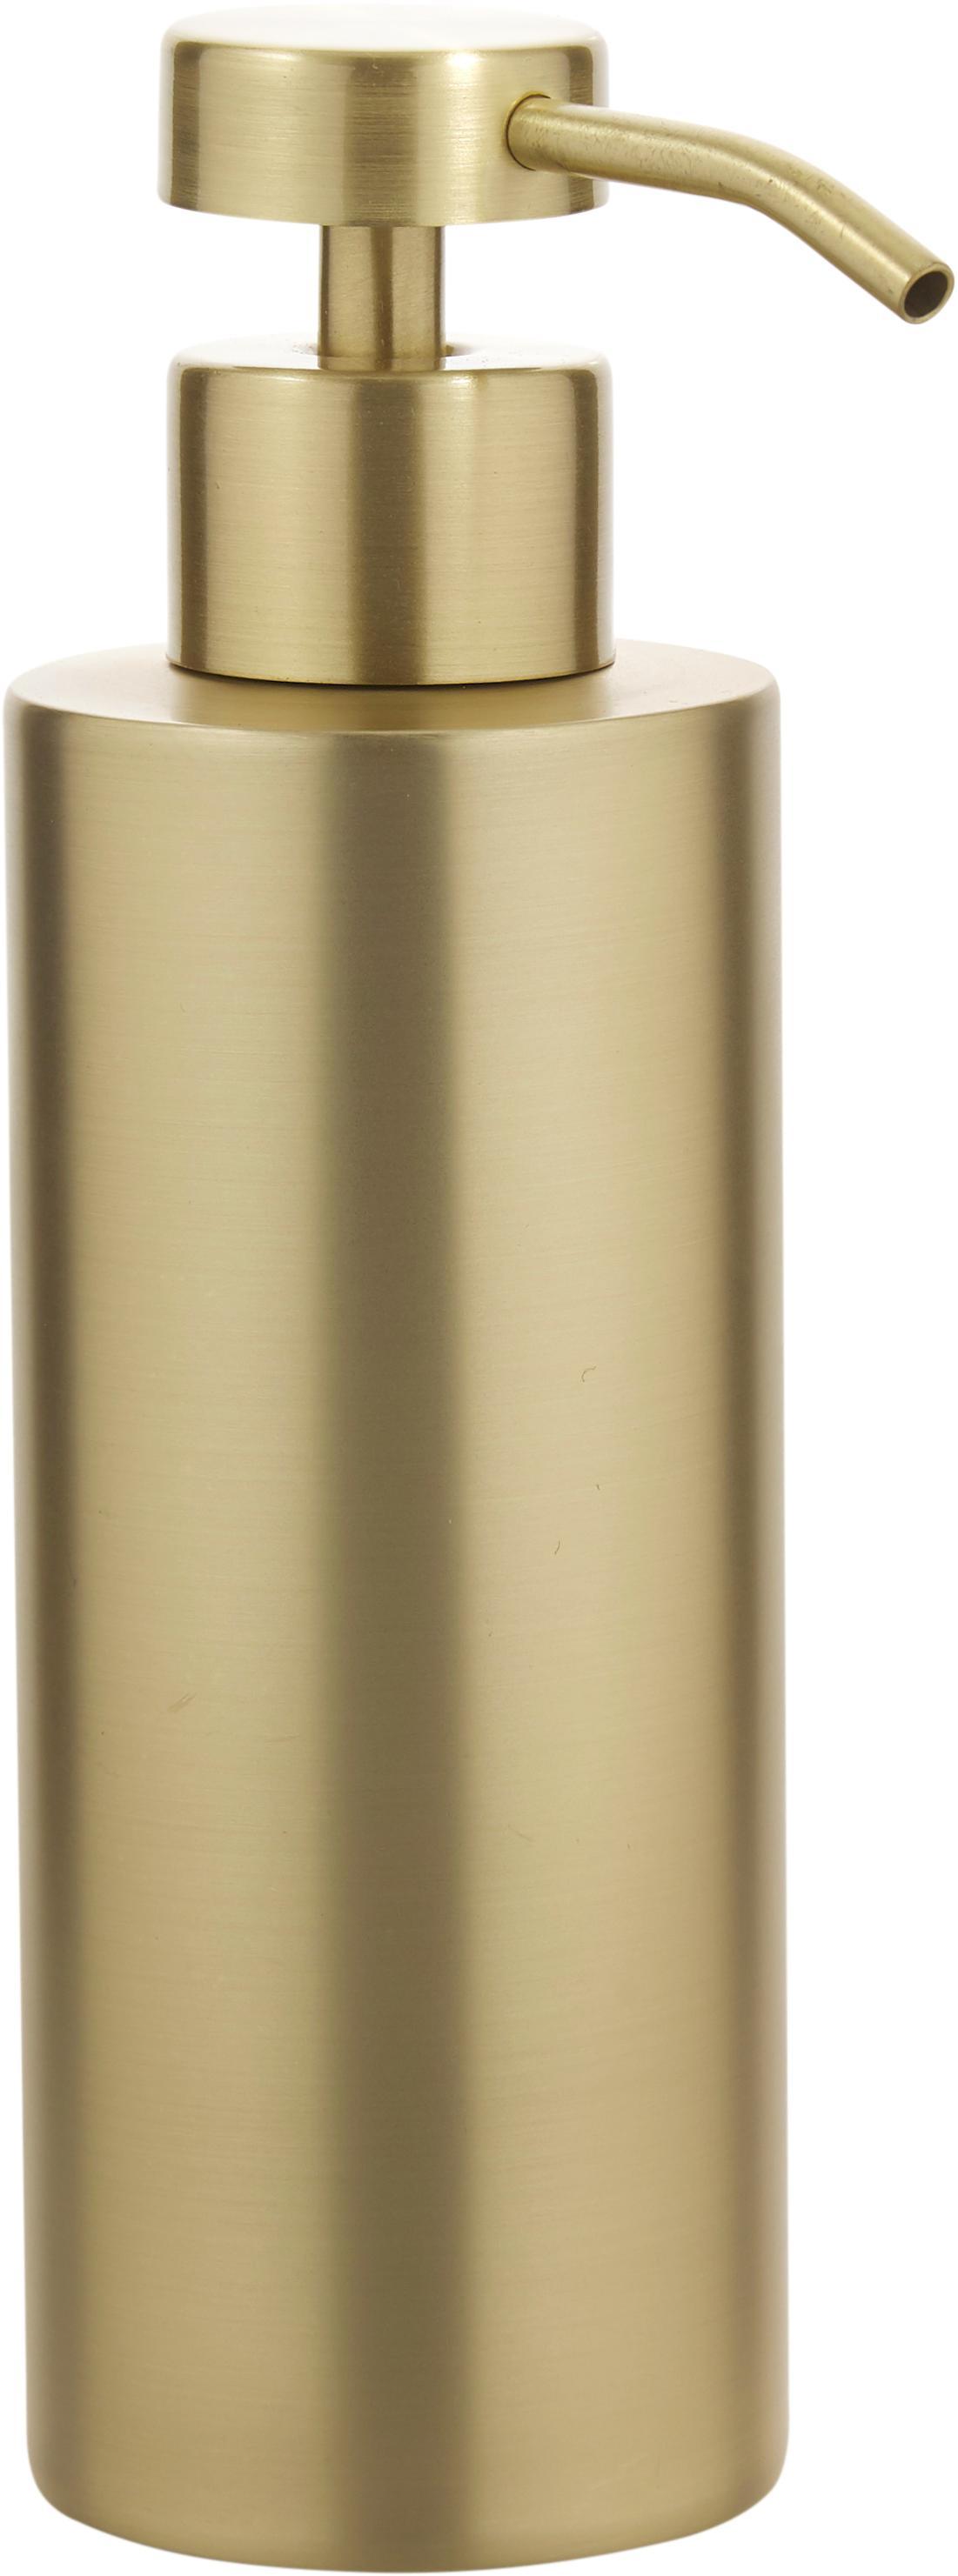 Zeepdispenser Onyar, Gecoat edelstaal, Messingkleurig, Ø 6 x H 20 cm